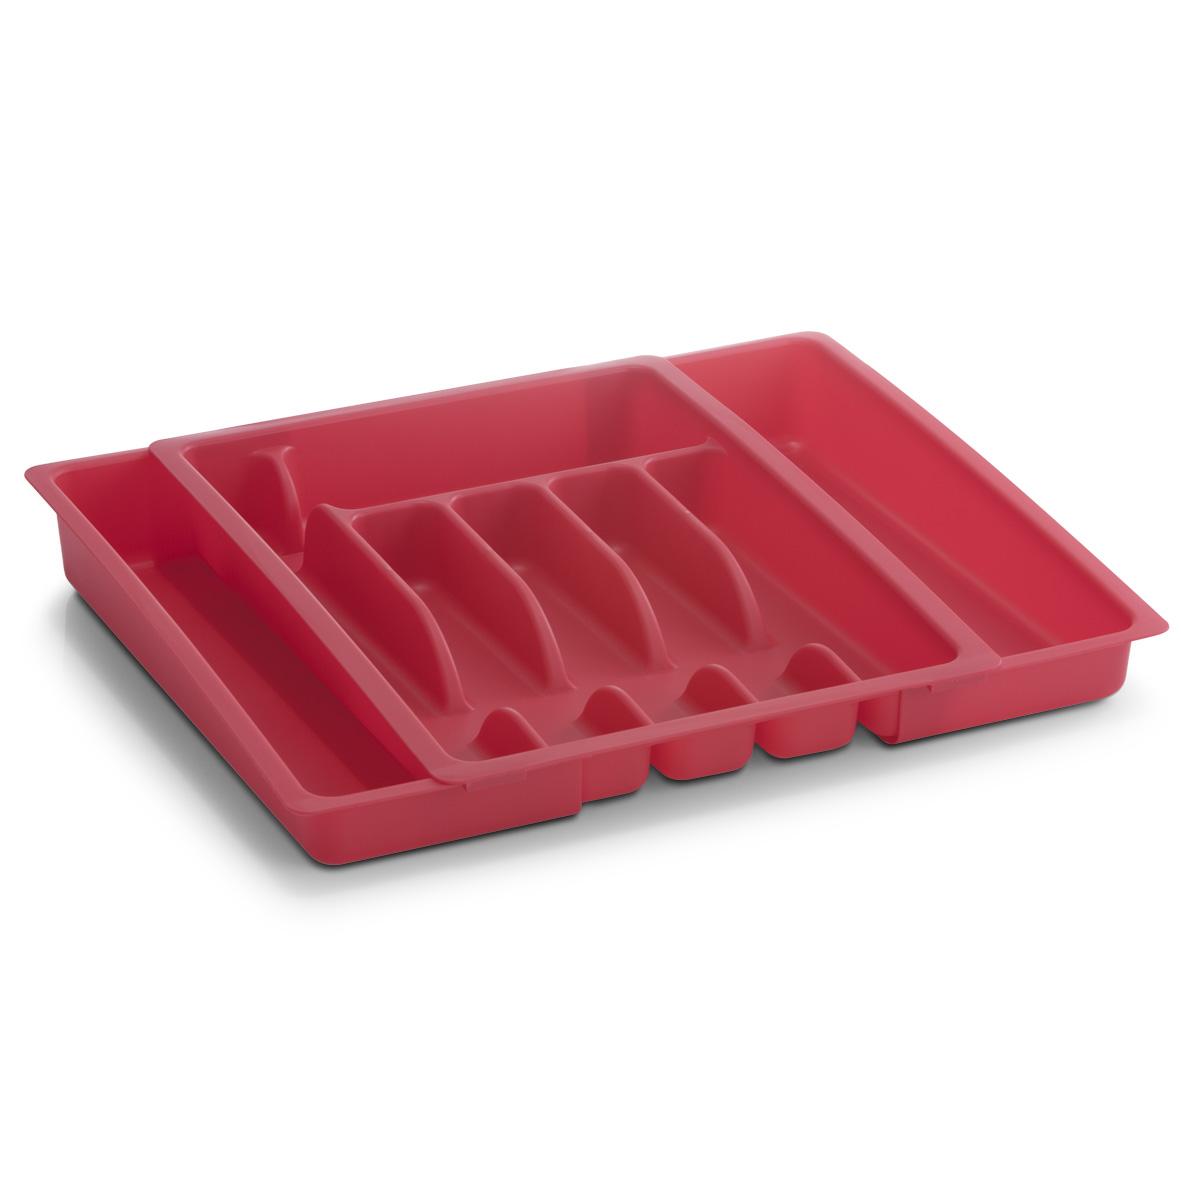 Лоток для столовых приборов Zeller, 38 х 29 х 6 смВетерок 2ГФЛоток для столовых приборов Zeller изготовлен из прочного пластика. Изделие имеет 6 отделений, в которых можно систематически разложить столовые приборы. Лоток можно разместить в кухонном ящике.